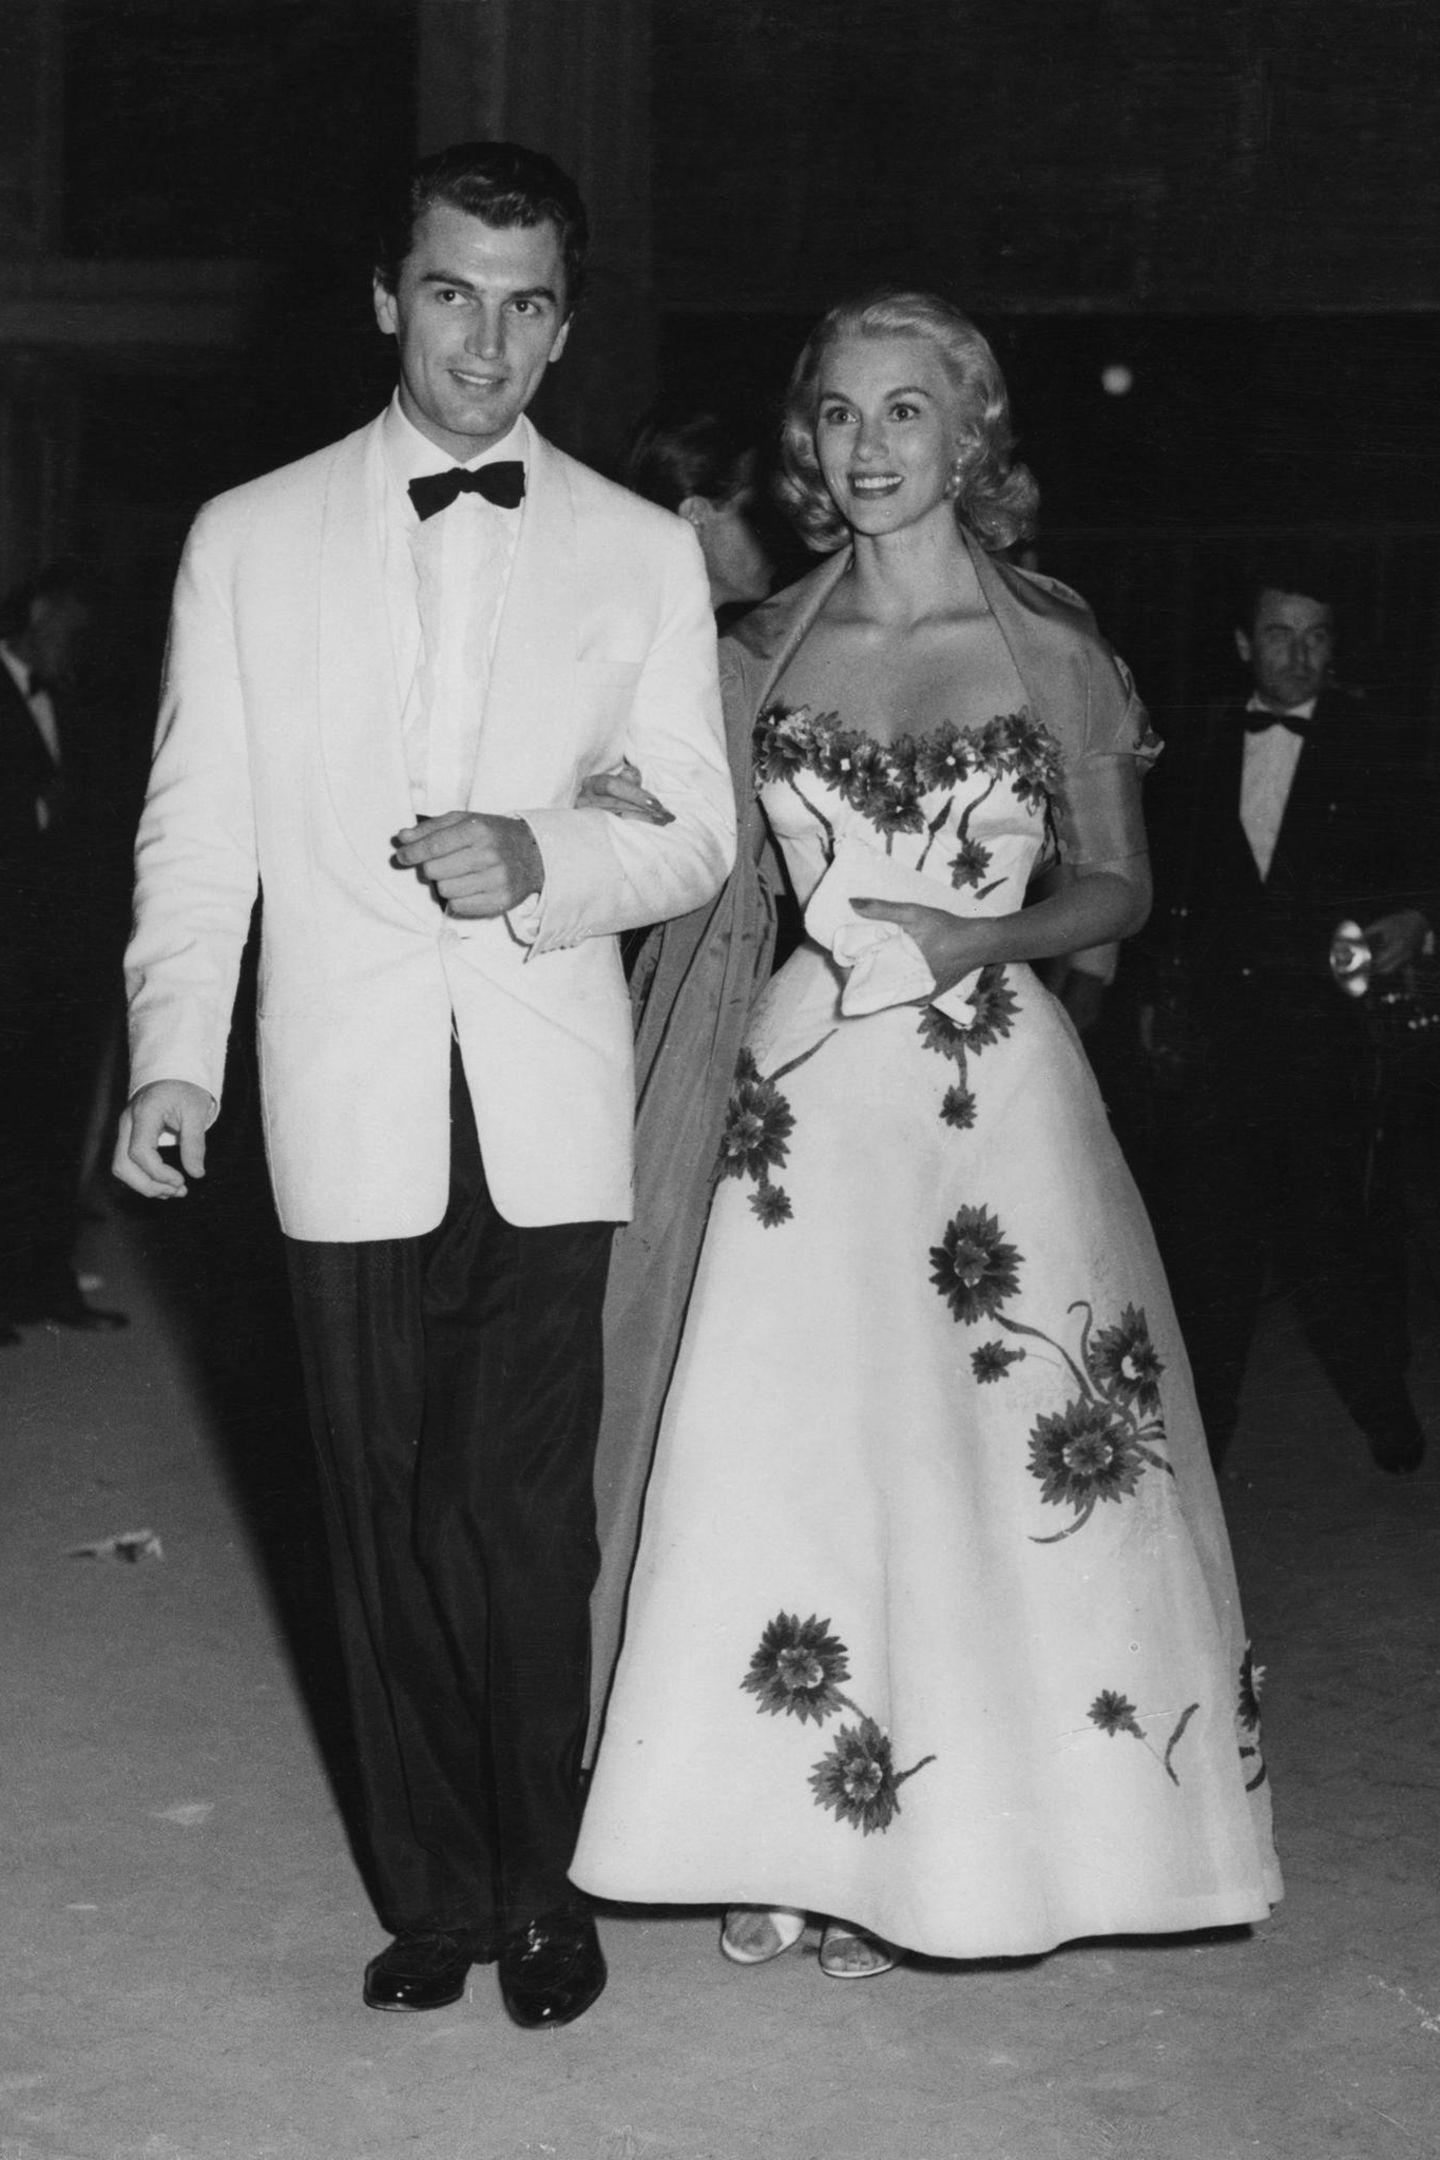 Bondgirl Lina Christian ist 1955 der absolute Hingucker beim Filmfest. Ihr Kleid betont ihre Taille ganz wundervoll, der Ausschnitt wirkt durch die Blumenapplikationen besonders.